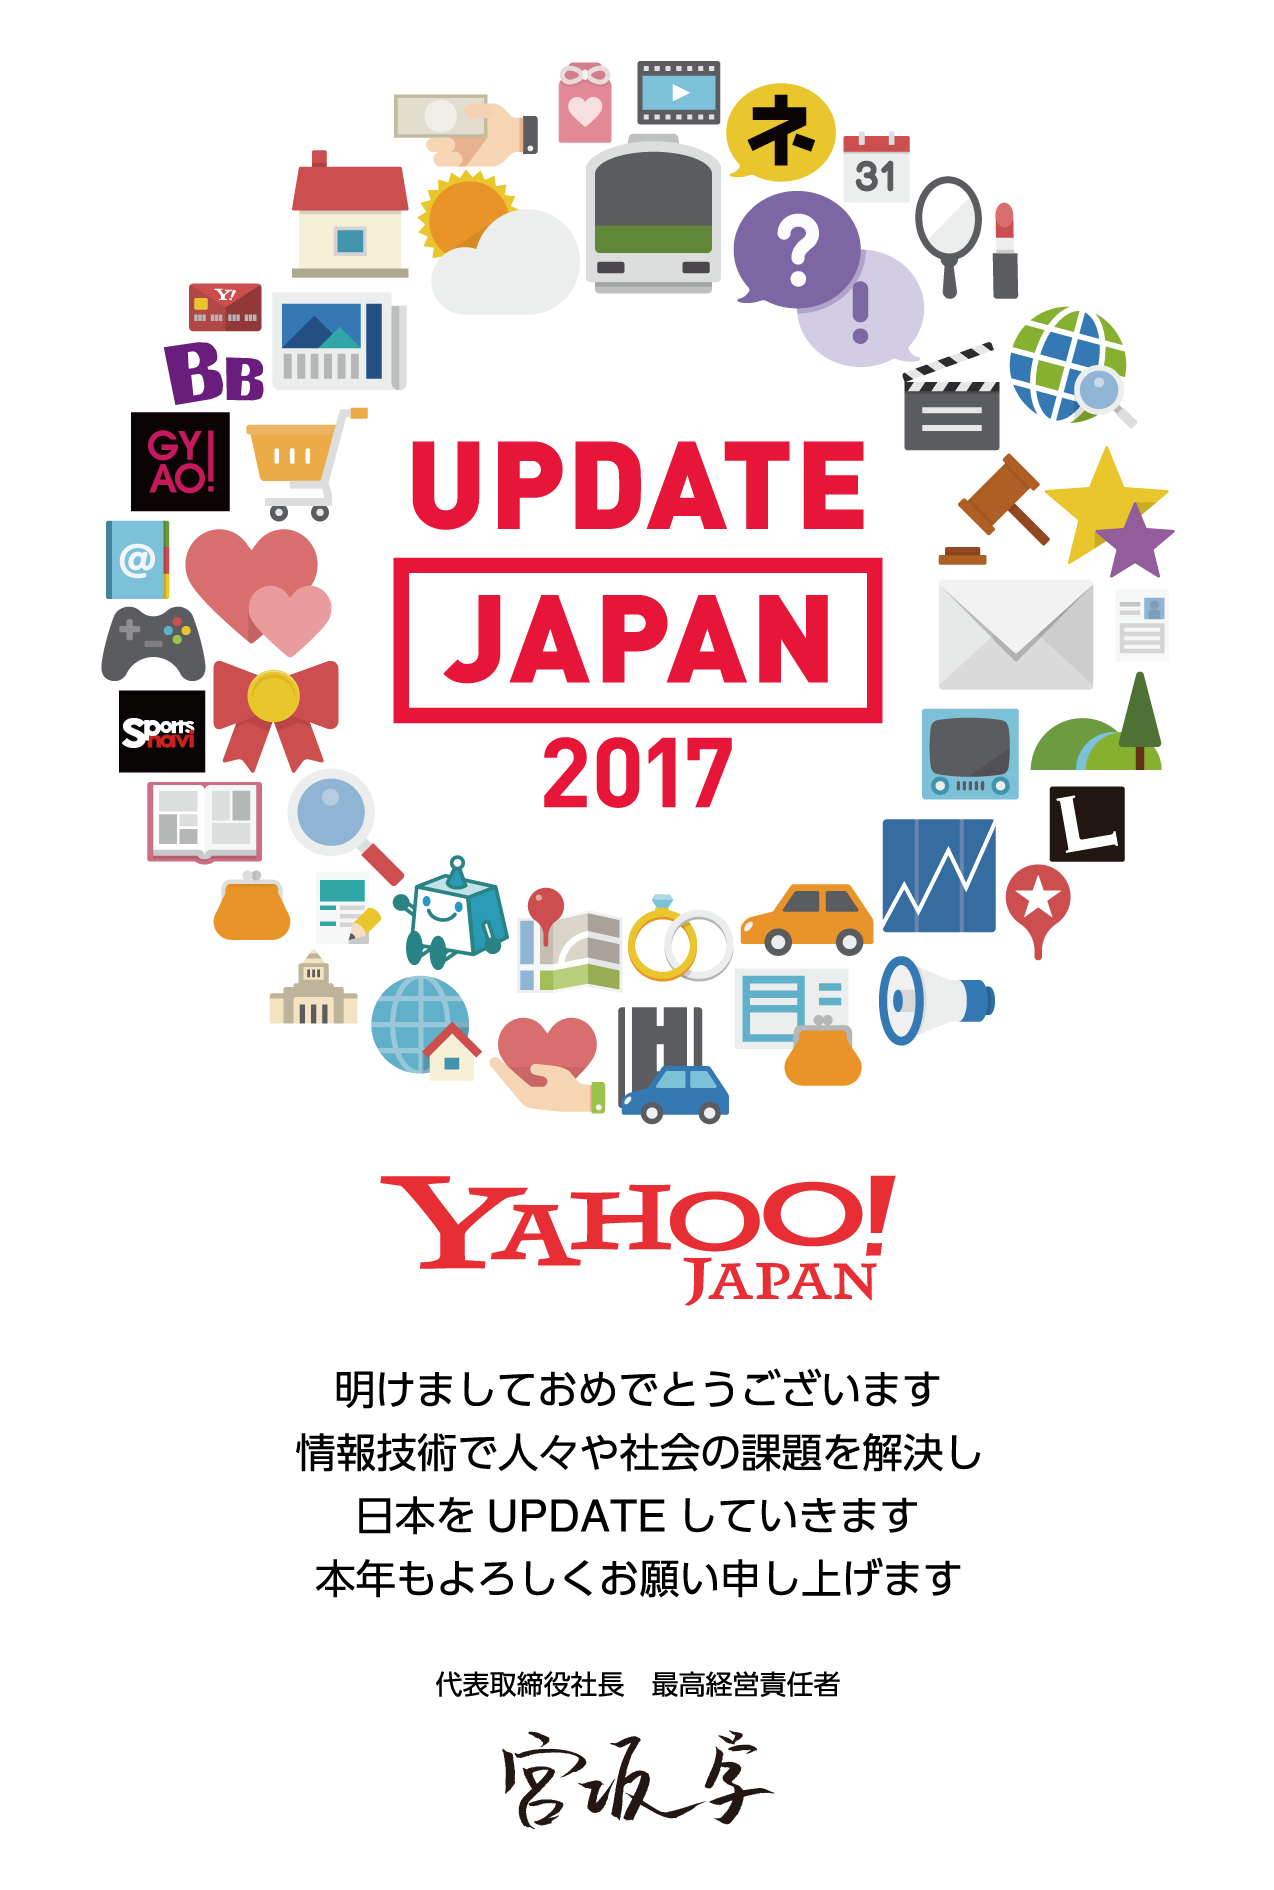 ヤフー株式会社2017年の年賀状 UPDATE JAPAN 2017 Yahoo! JAPAN 明けましておめでとうございます 情報技術で人々や社会の課題を解決し 日本をUPDATEしていきます 本年もよろしくお願い申し上げます 代表取締役社長 最高経営責任者 宮坂学